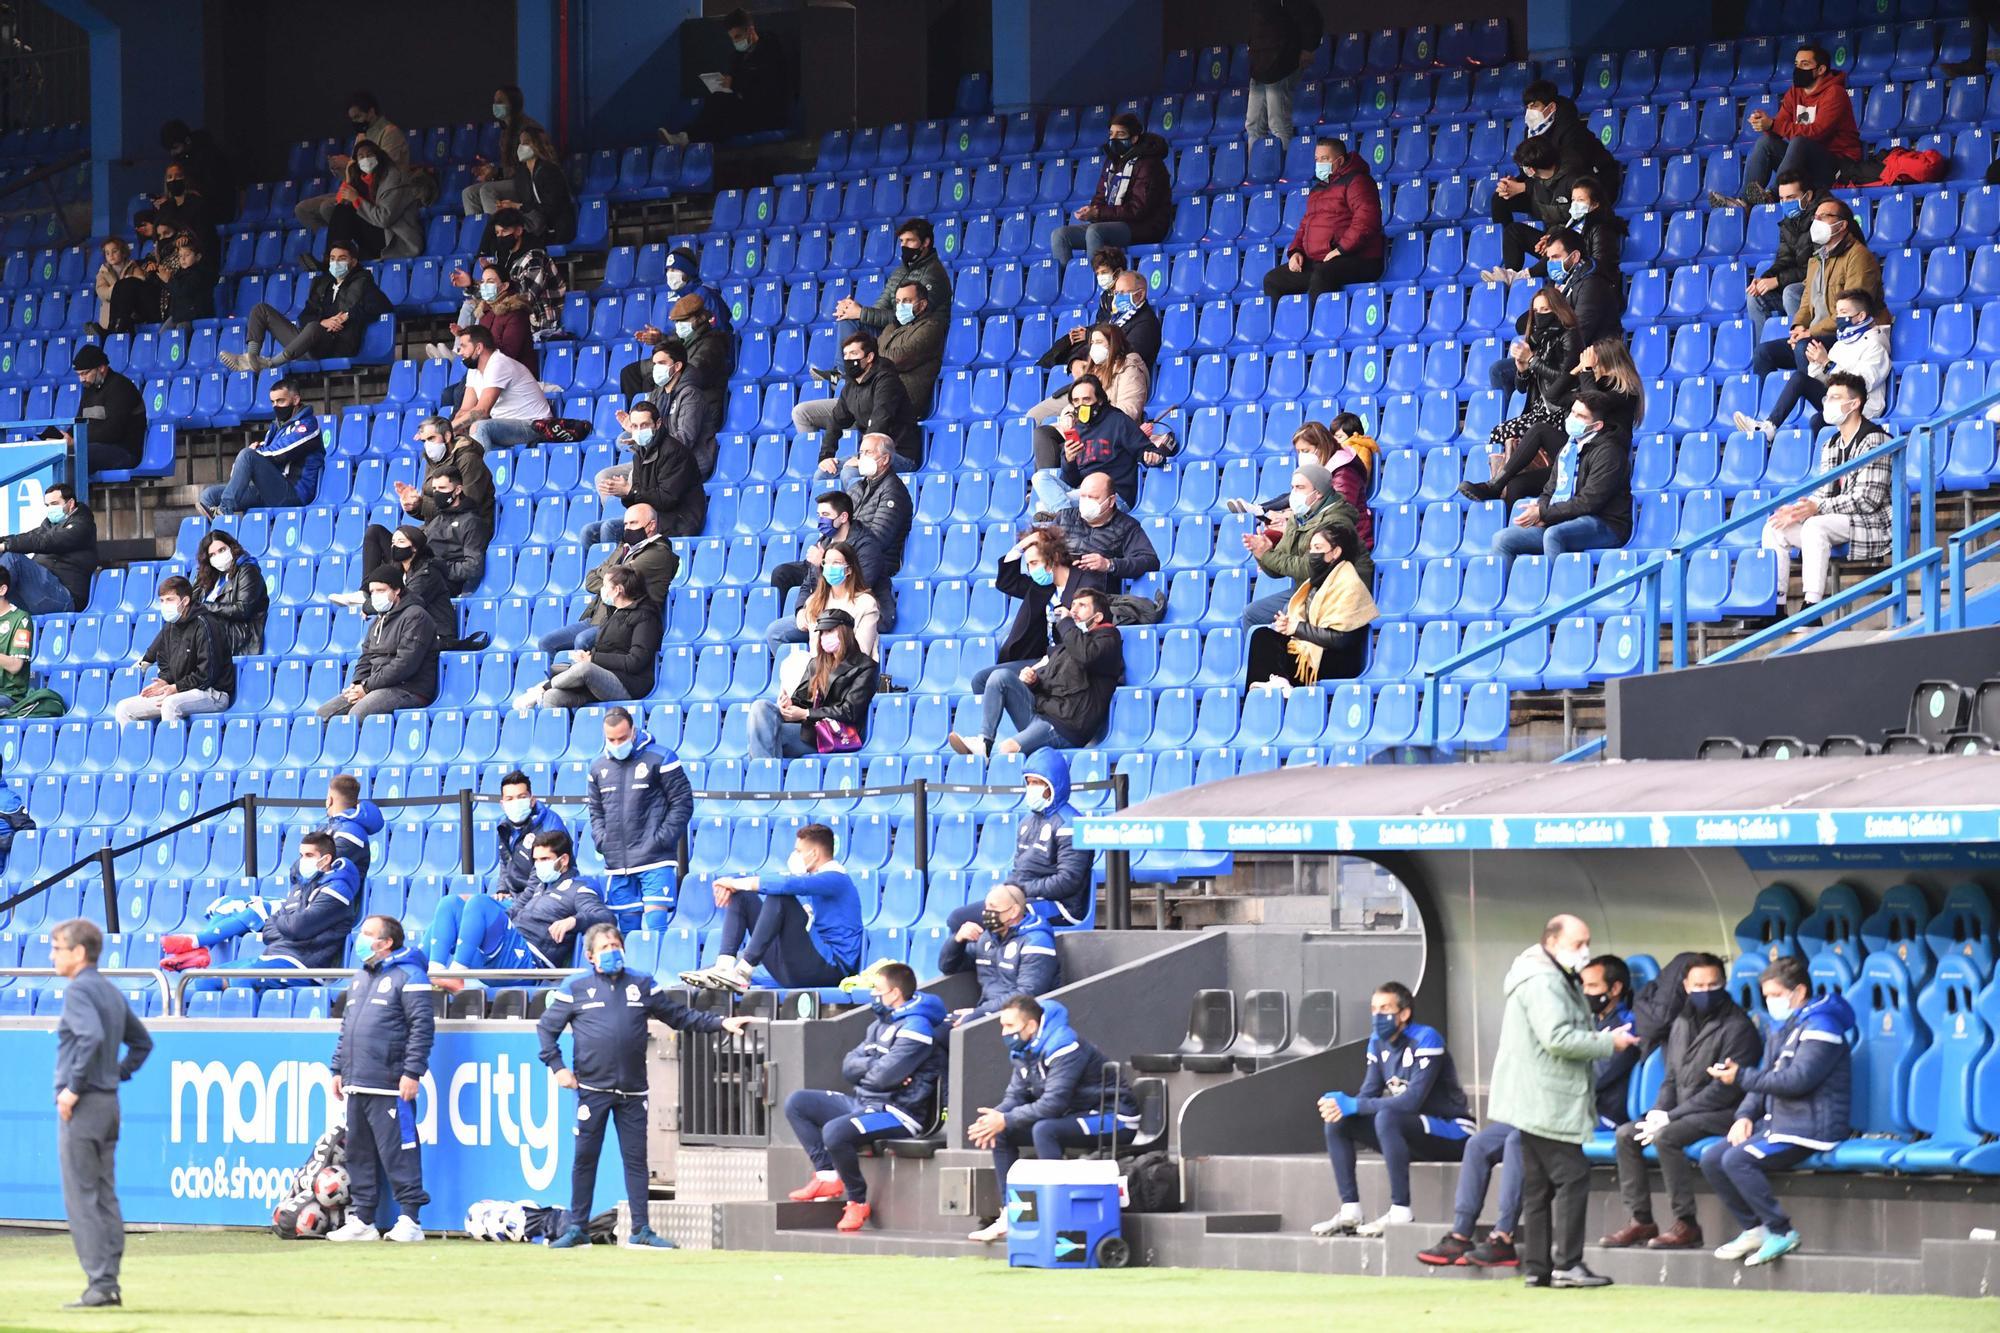 Mil espectadores para el Dépor-CeltaB